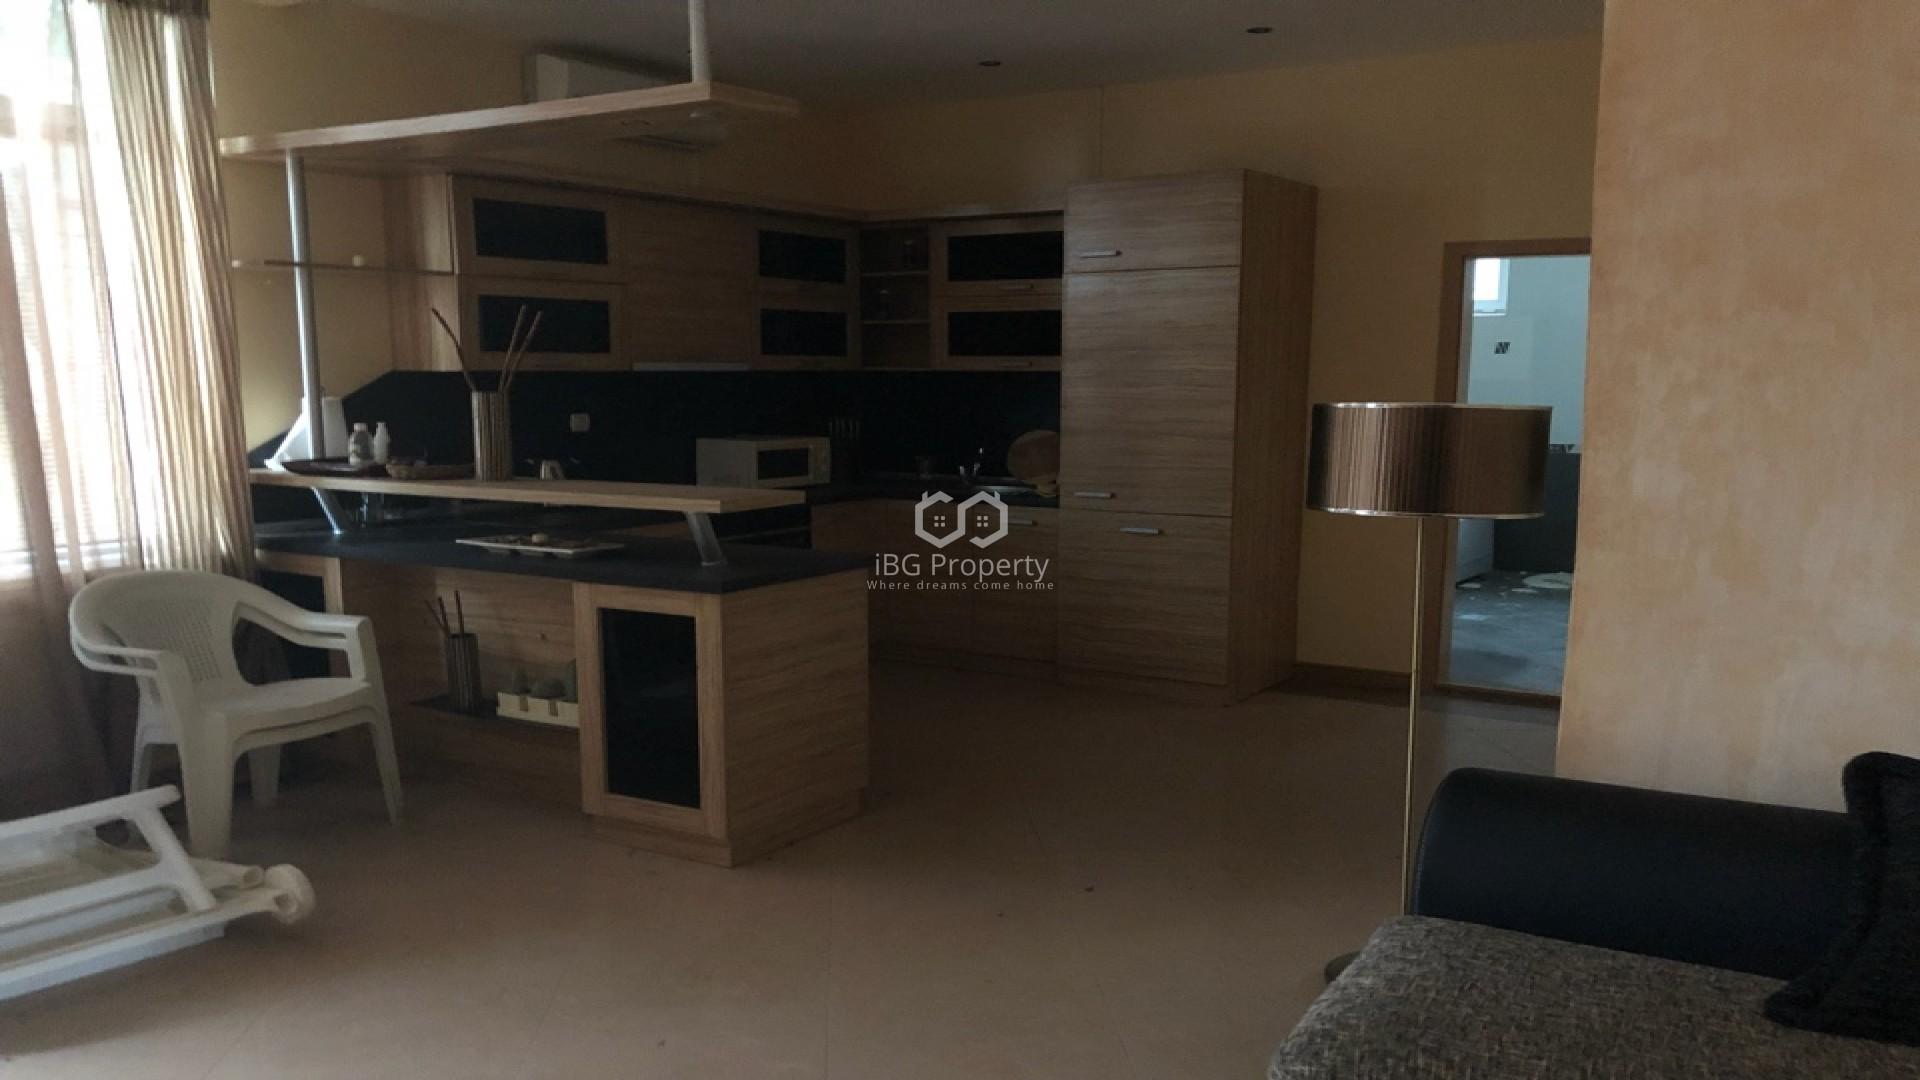 Двухкомнатная квартира Златни пясъци 82 m2